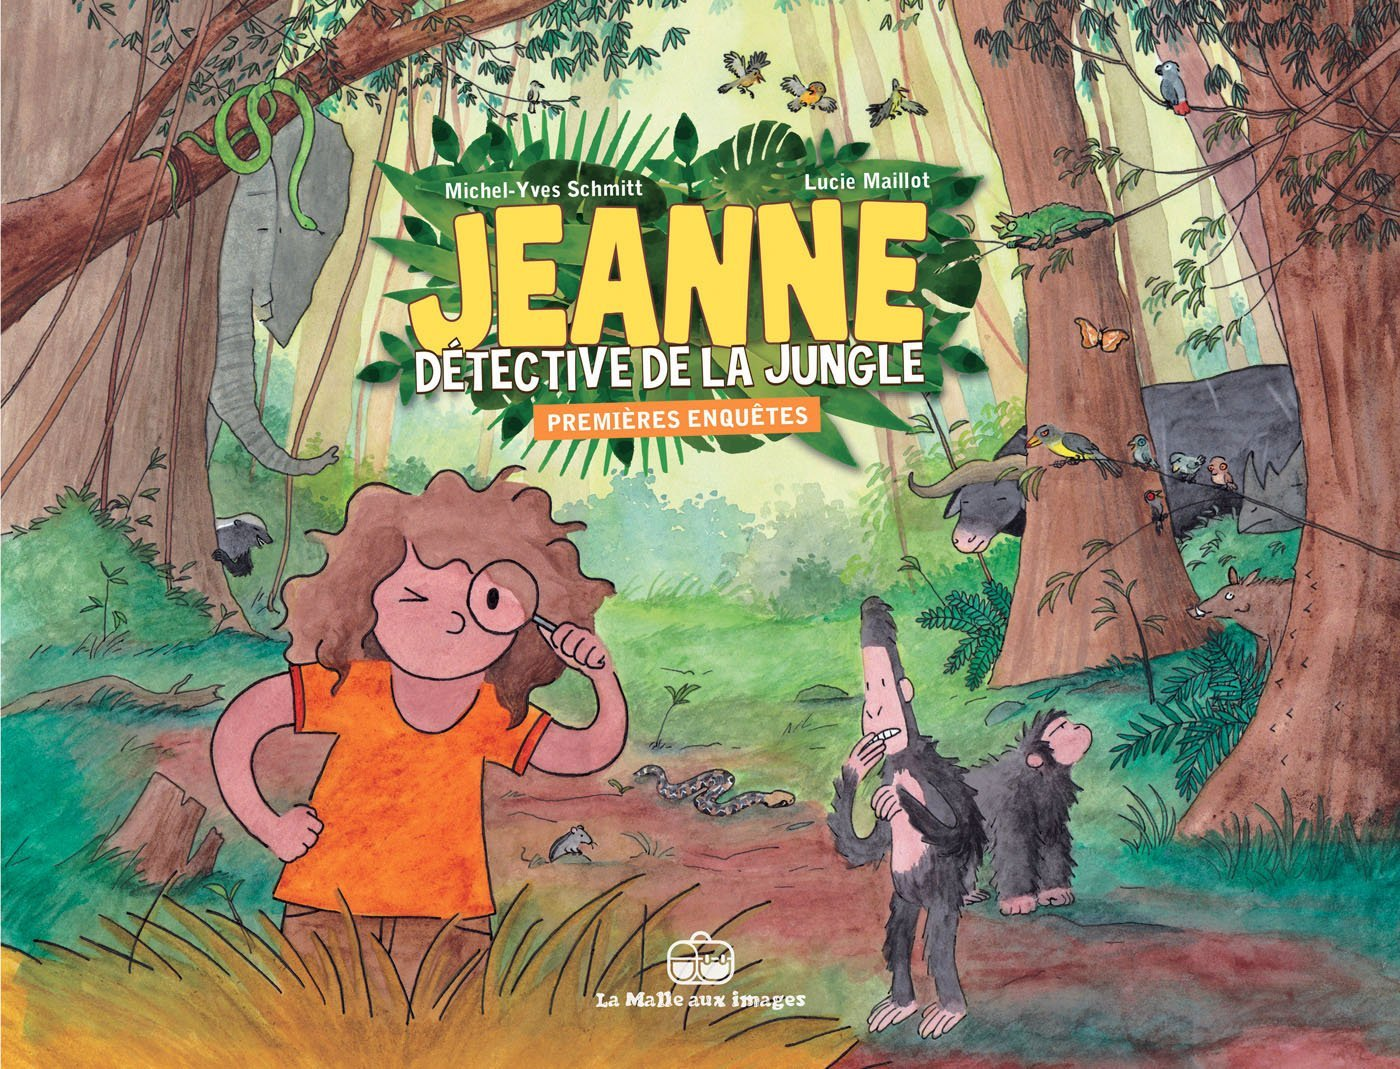 Jeanne, détective de la jungle 1 - Premières enquêtes